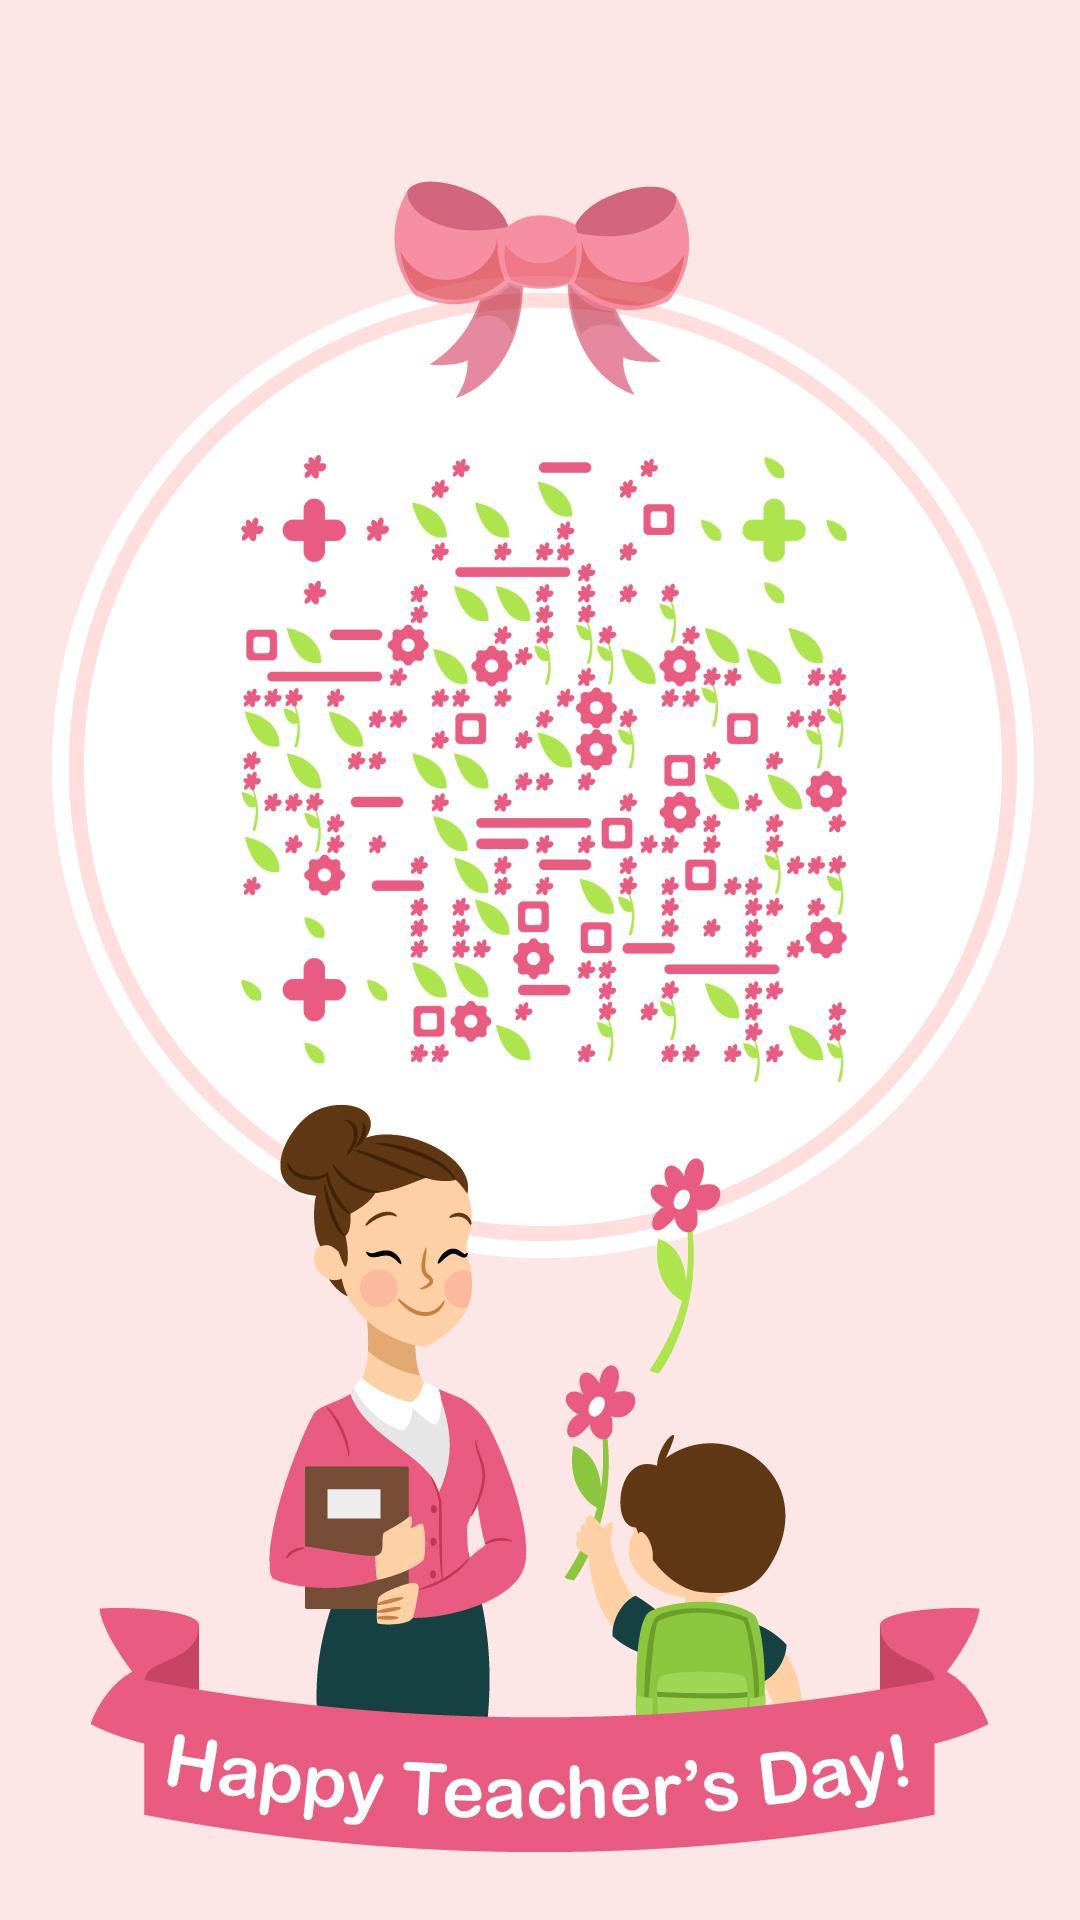 教师节快乐 艺术二维码